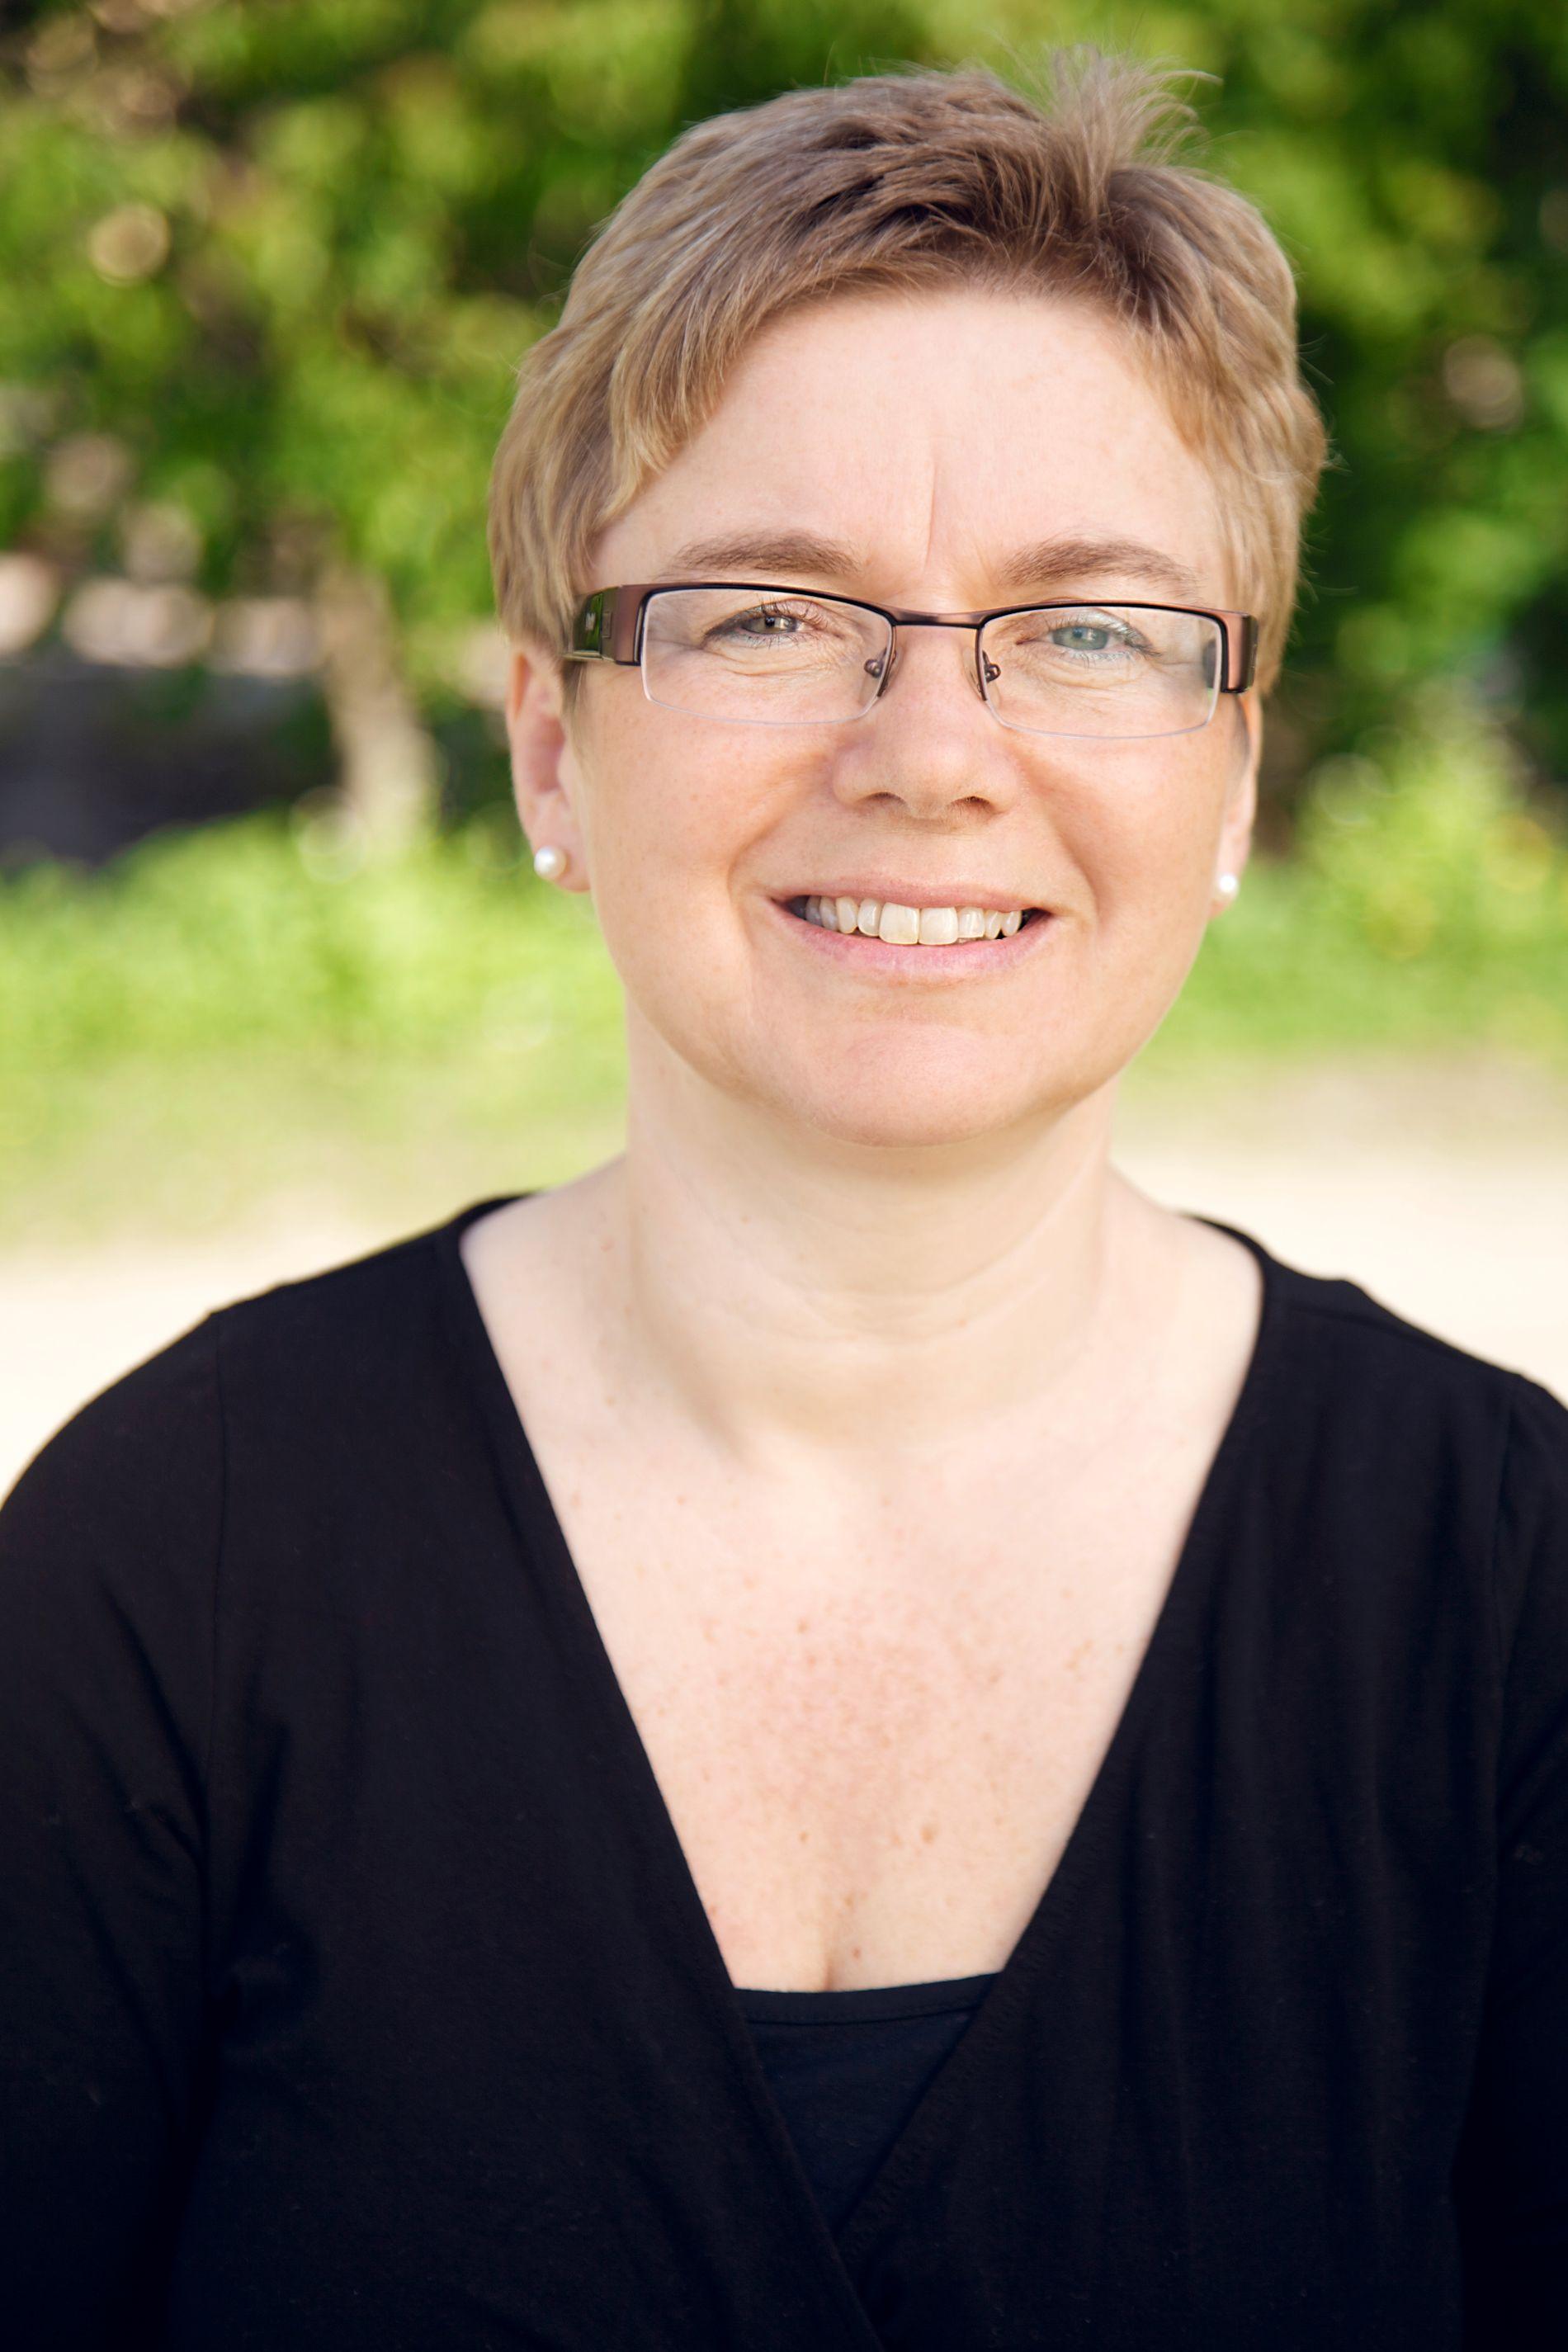 SVARER DE UNGE: Helsesøster Anne Bentzrød hjelper ungdommer både i klasserom og på ung.no